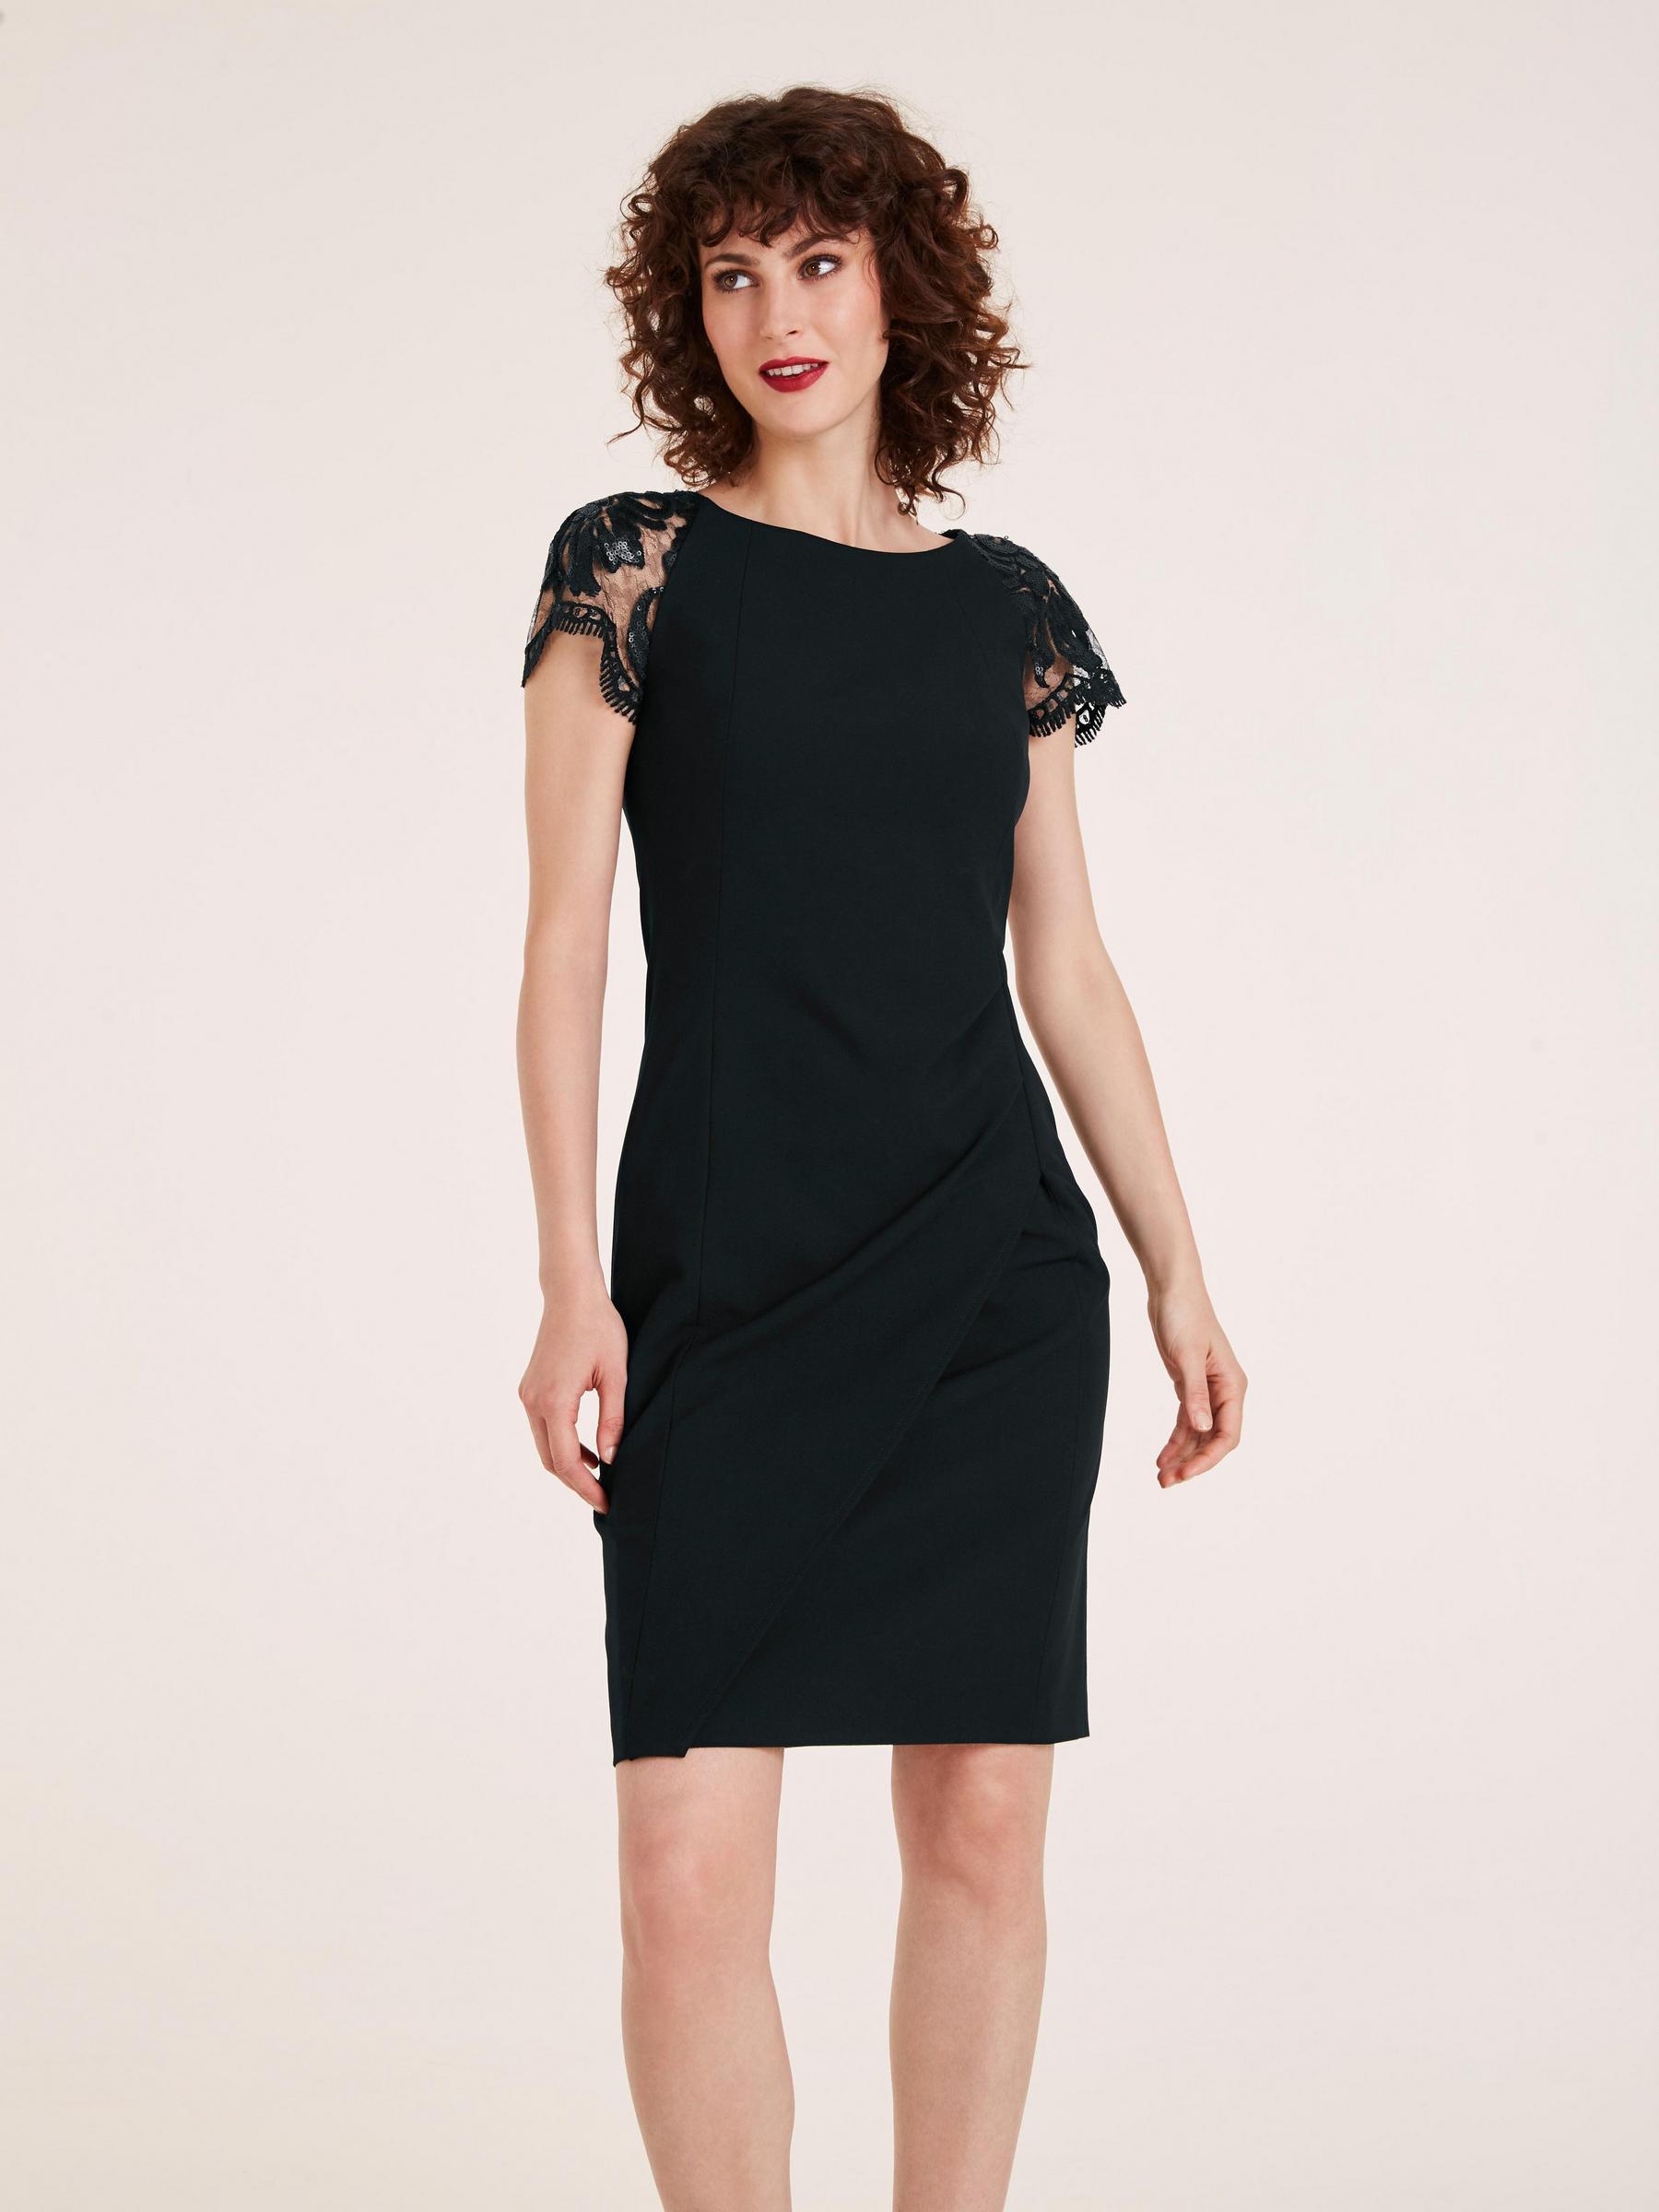 photo petite robe noire courte avec épaulettes type dentelle, tenue femme idéale pour soirée